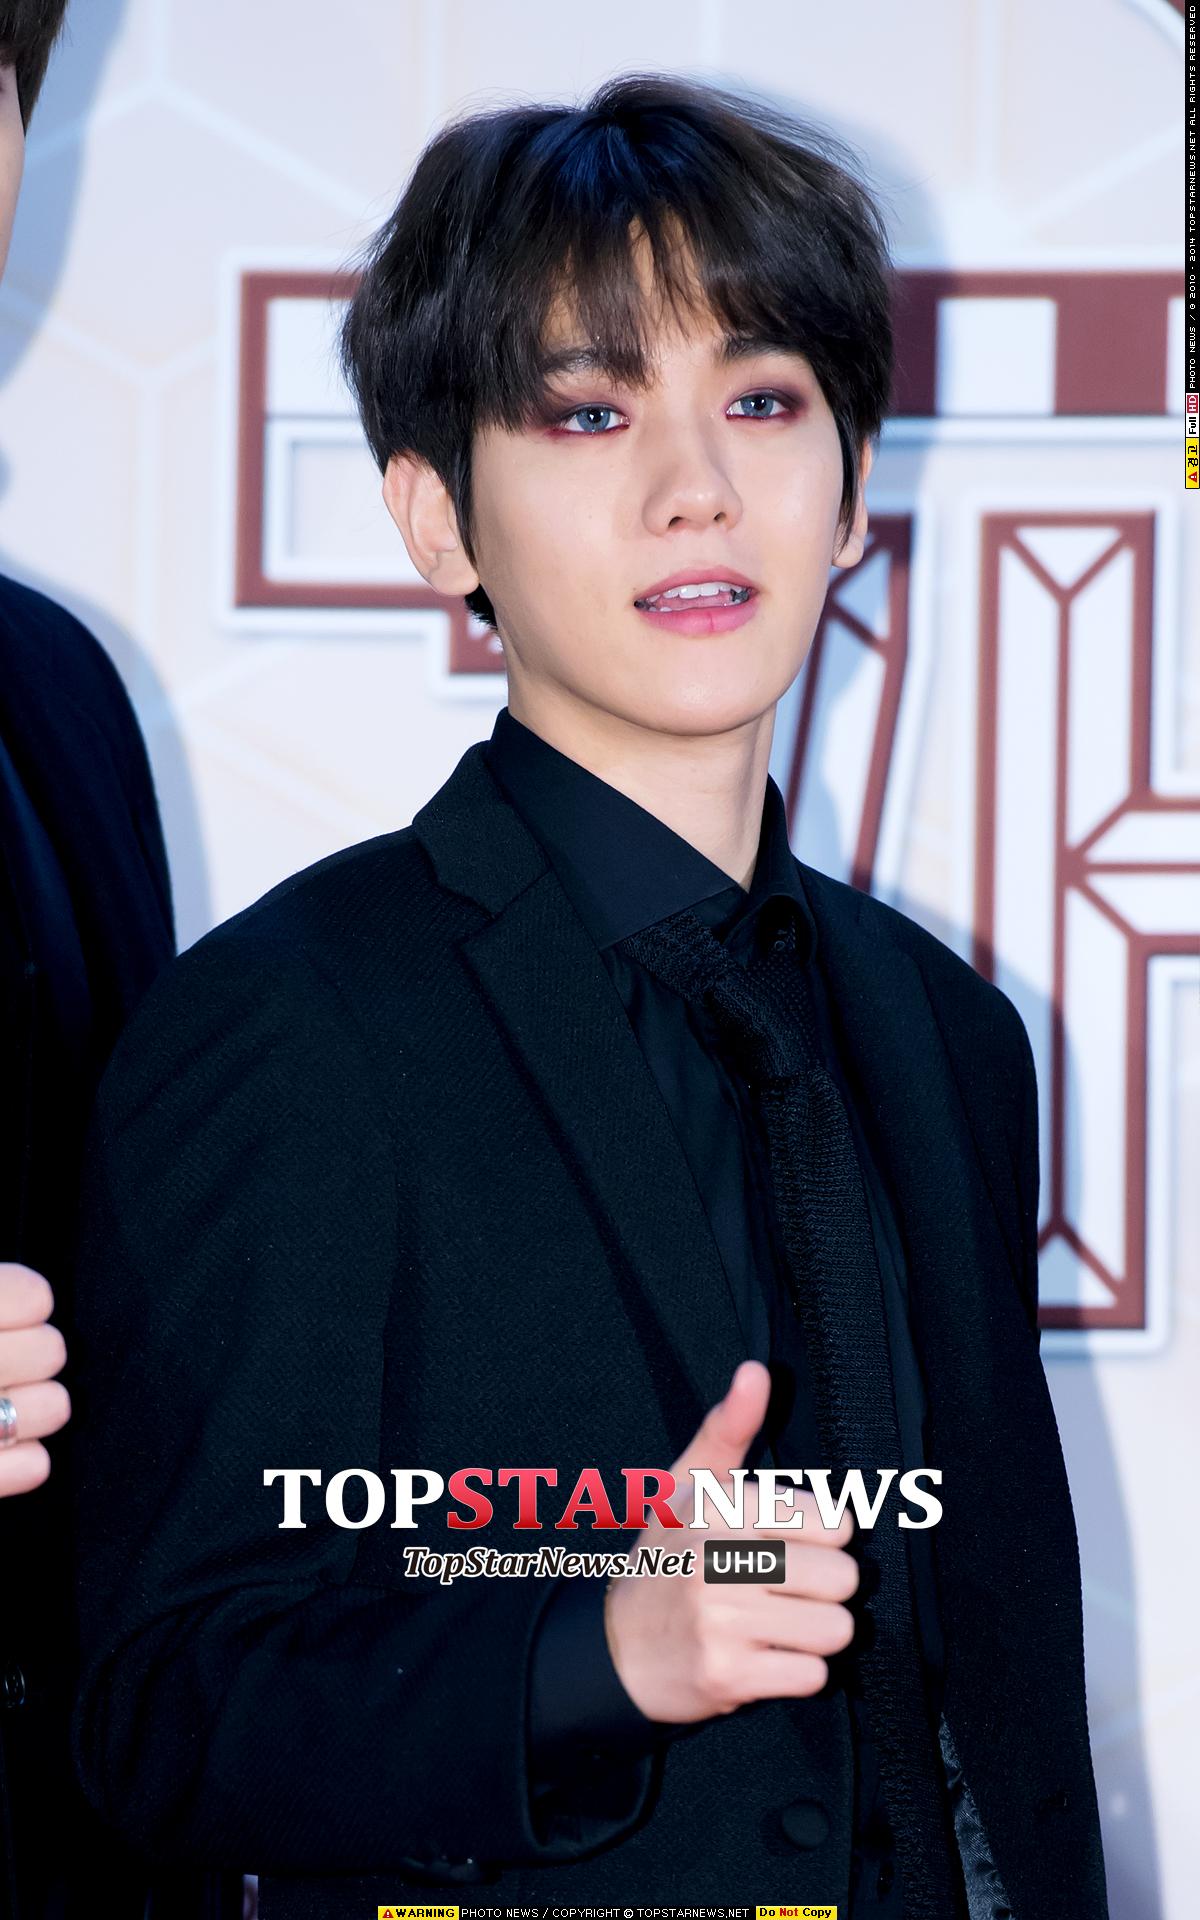 在上月末的KBS歌謠大慶典紅毯上EXO全員黑色西裝上身,完美演繹小編心中的「黑馬王子 」♥ 雖然每位成員都帥氣爆表,但小編還是一眼就被伯賢的紫色煙熏妝吸引住了~~~